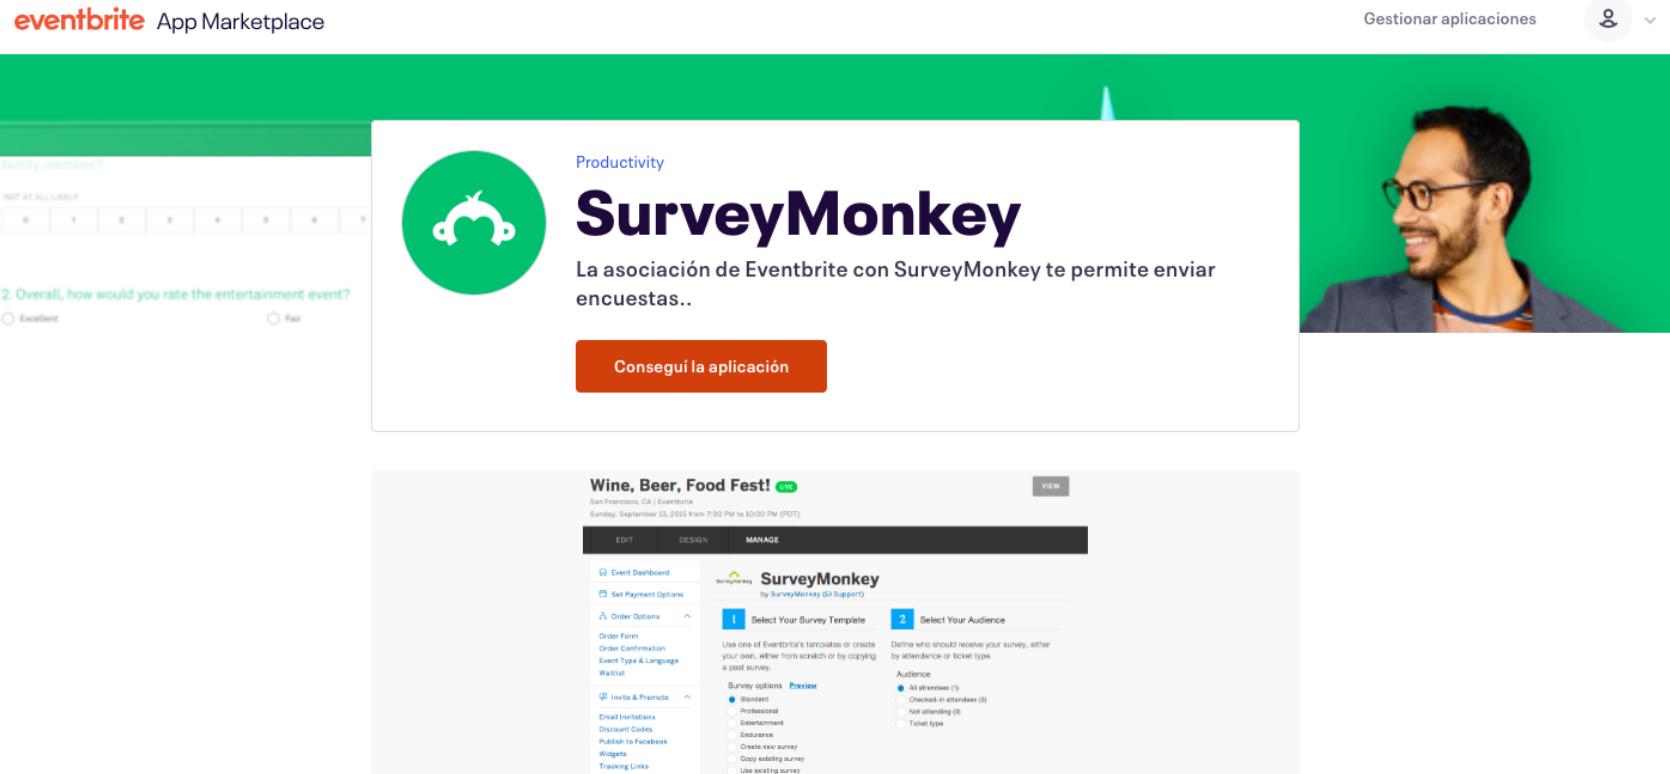 integración con survey monkey